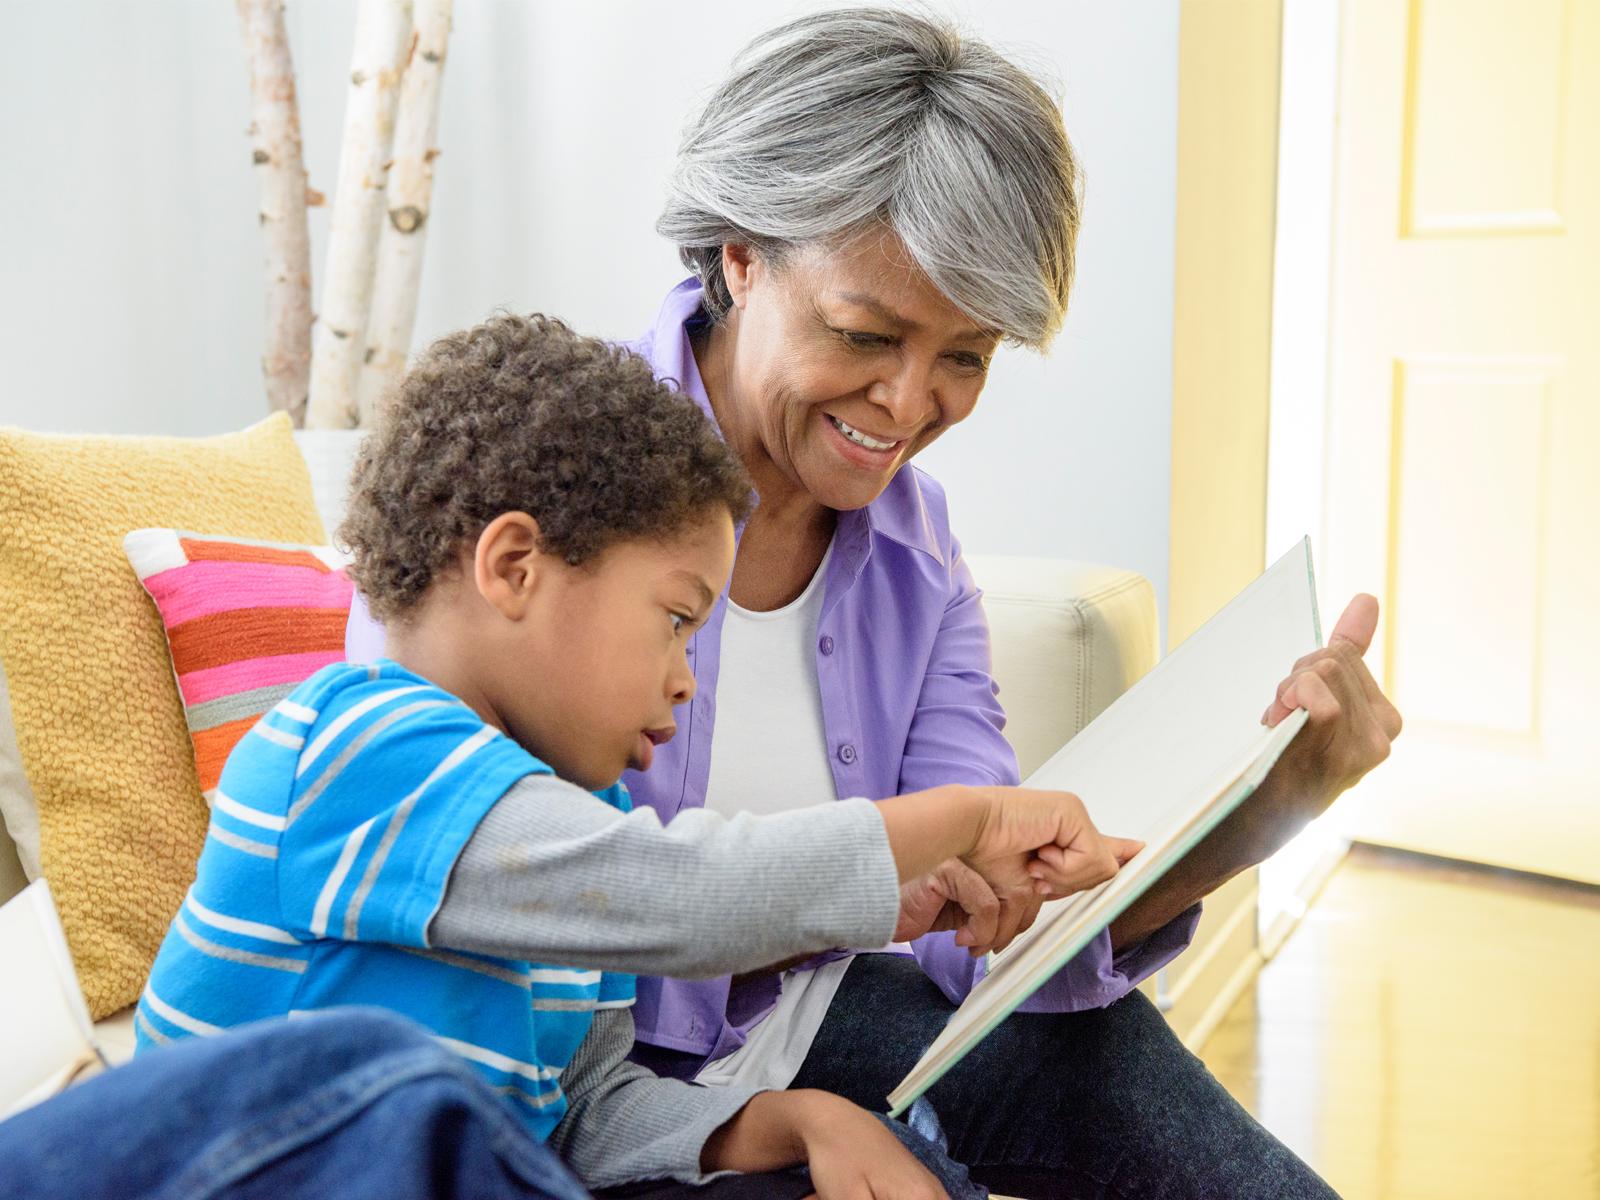 -Os-avós-podem-ter-grande-influência-na-educação-dos-netos-